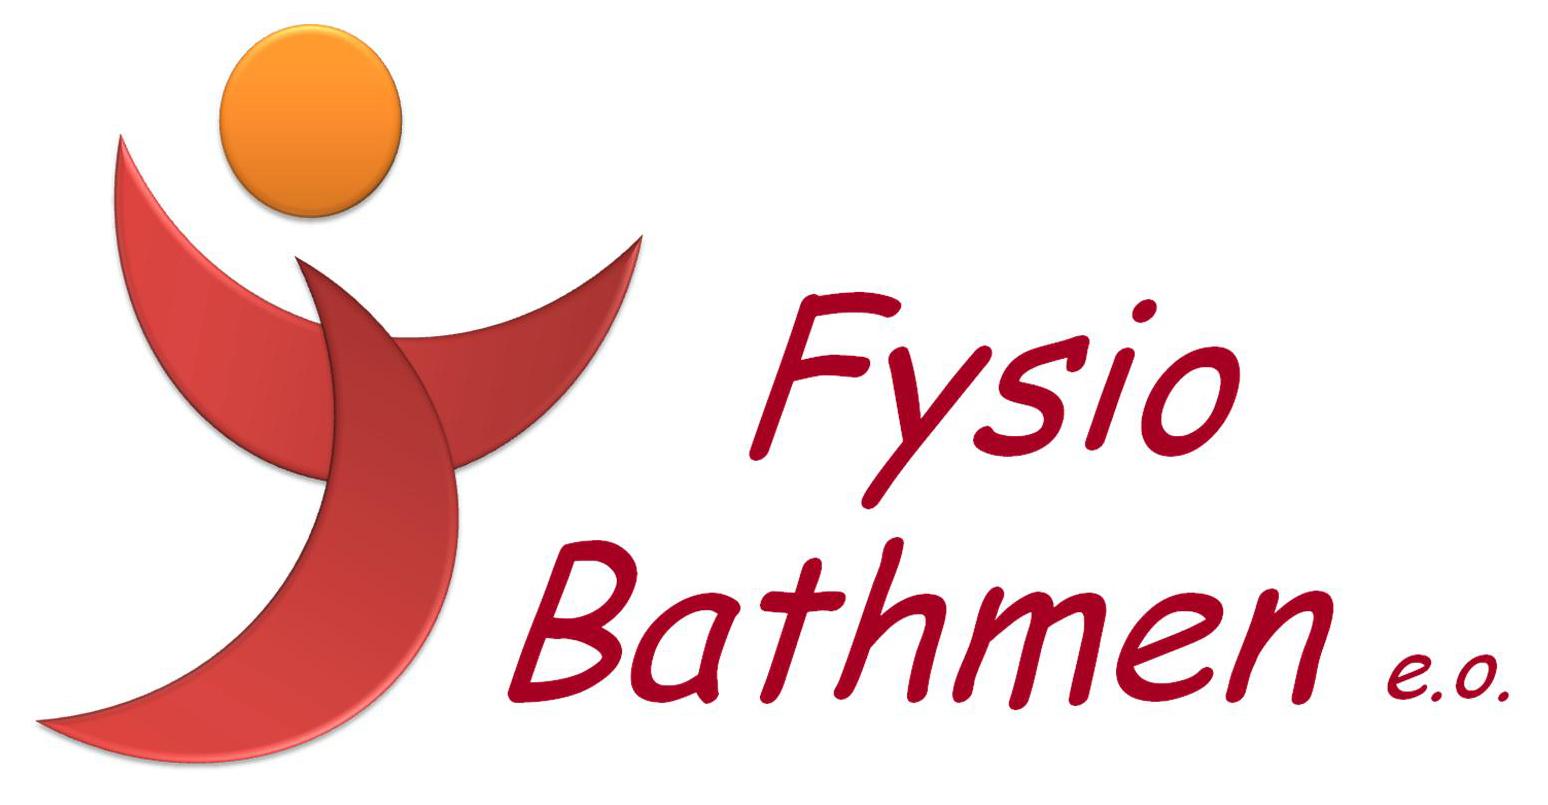 Fysio Bathmen e.o.